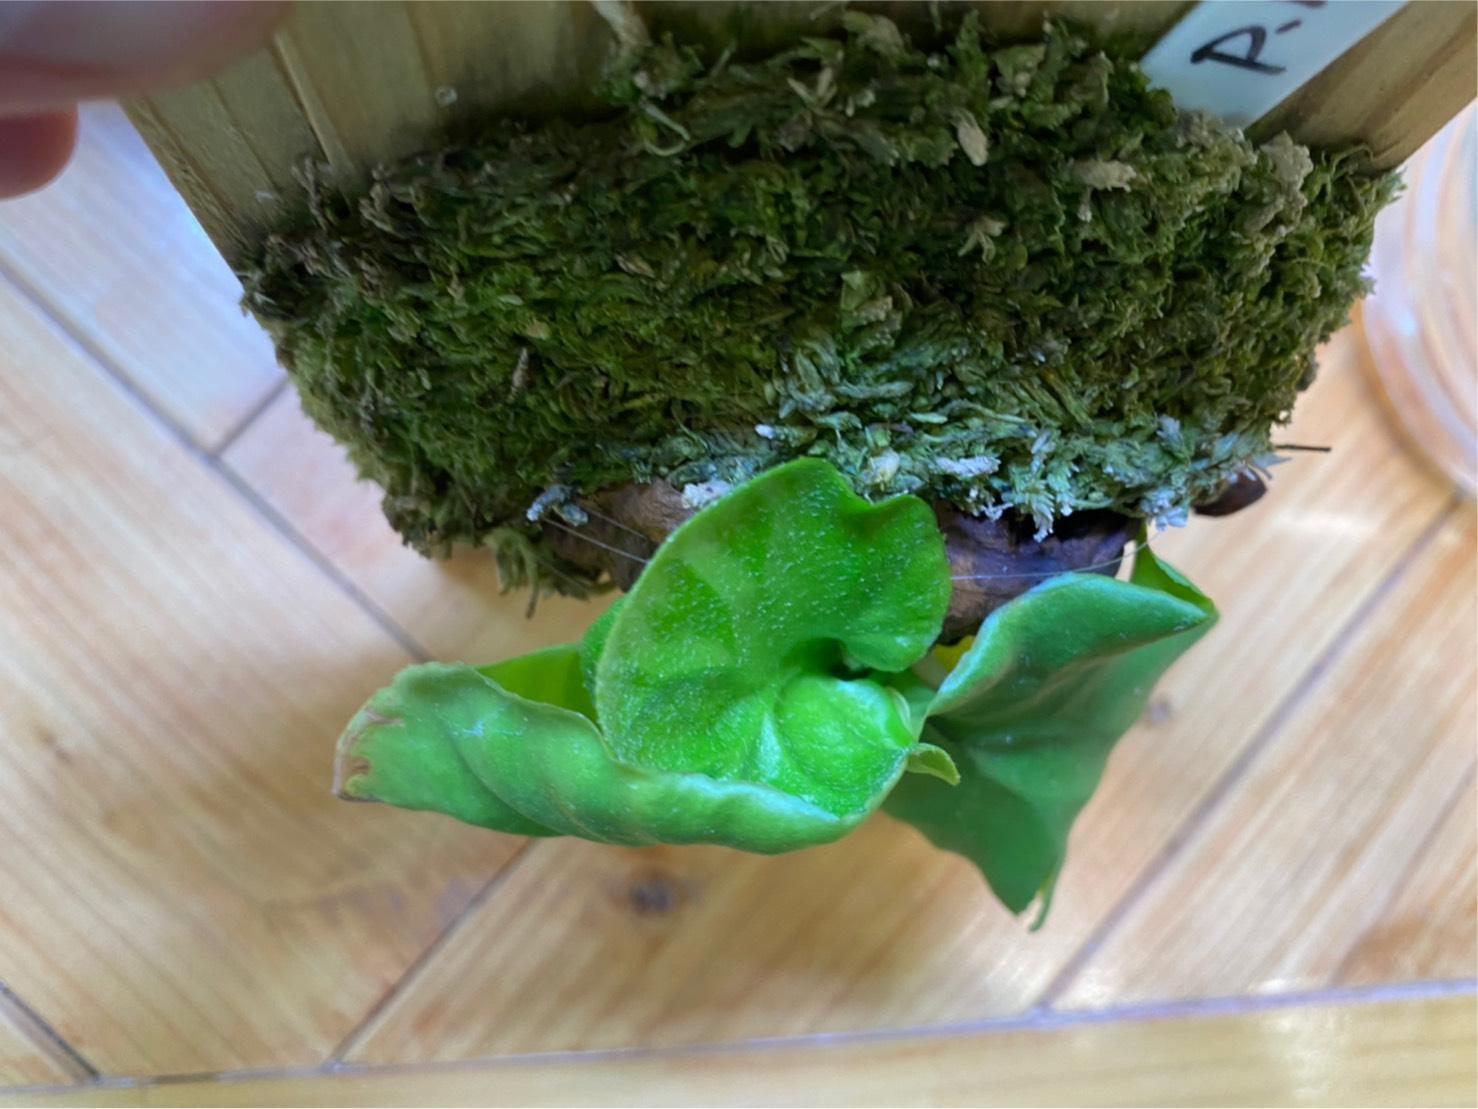 【極小リドレイ】貯水葉の裏から出た葉のメンテナンス。